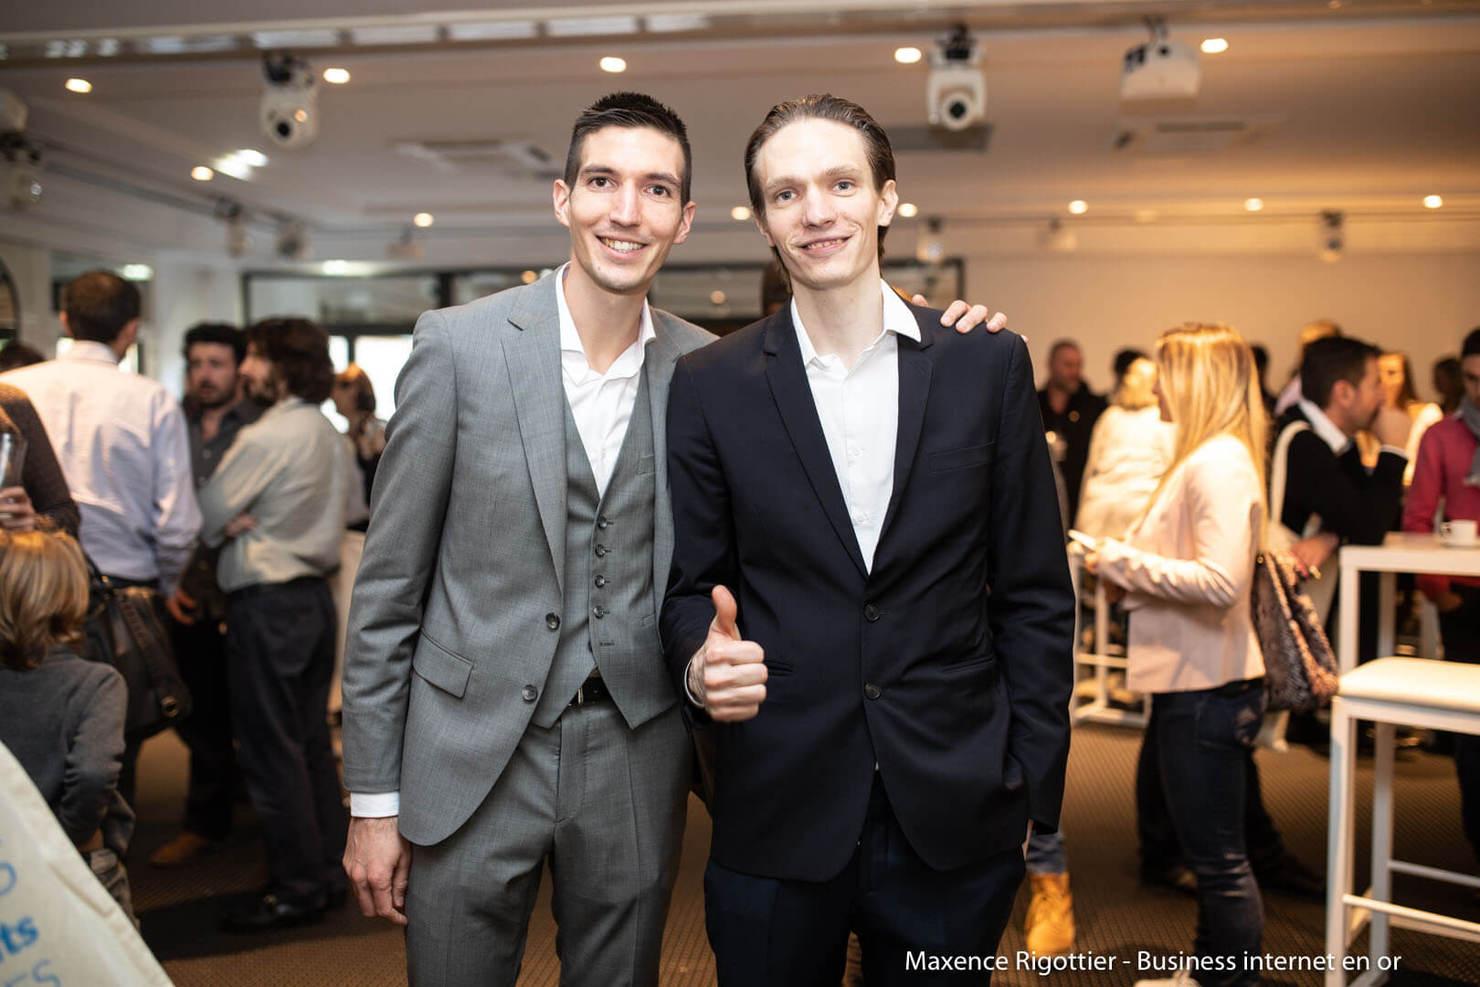 Toutes les formations de Maxence Rigottier : photo des frères Maxence et Jonathan Rigottier au séminaire Business Internet en Or 2018